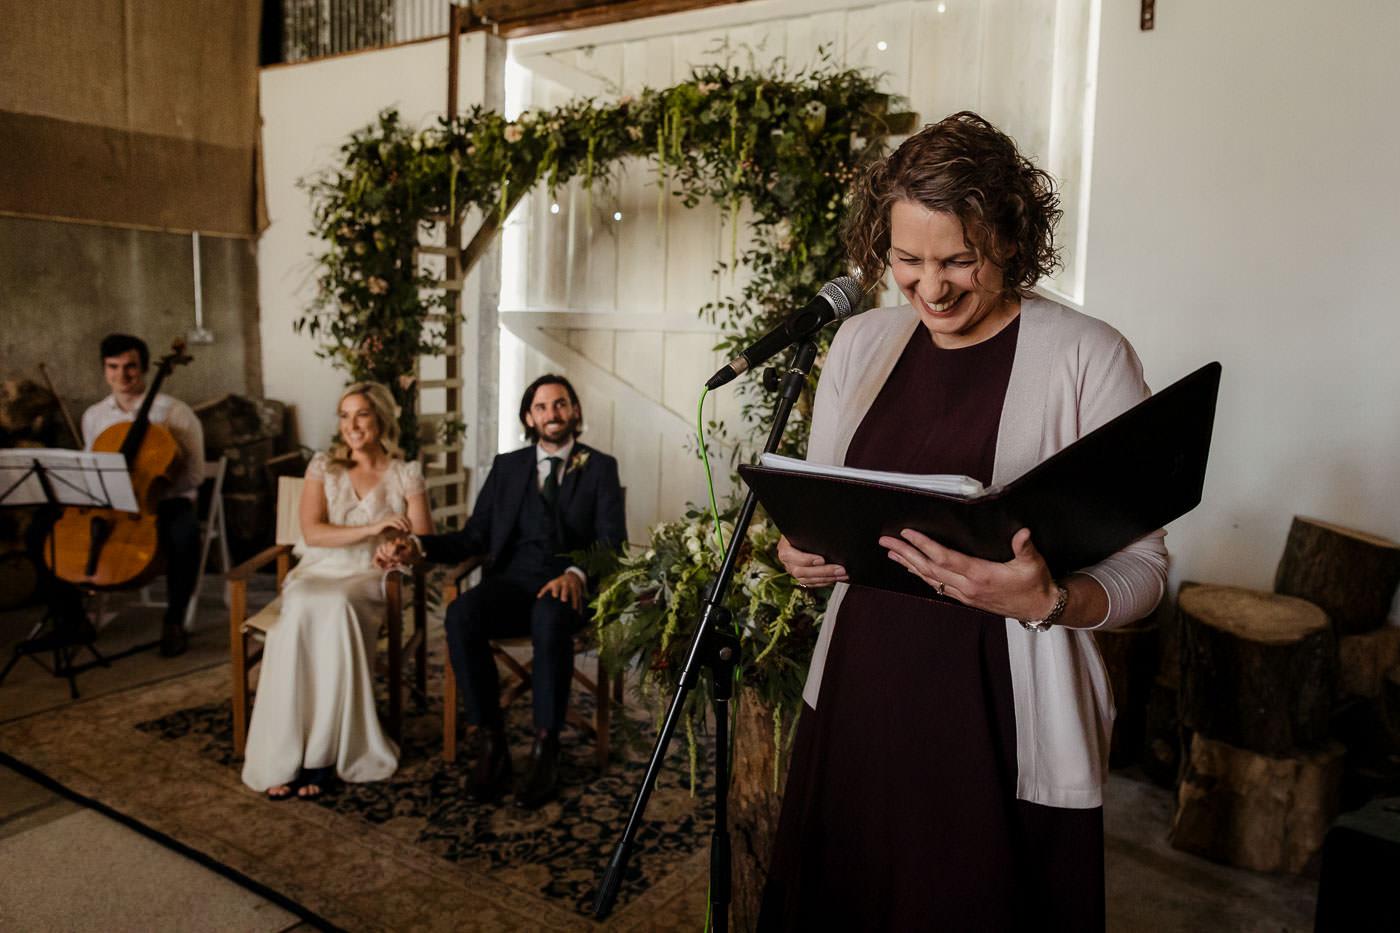 romy mcauley wedding celebrant